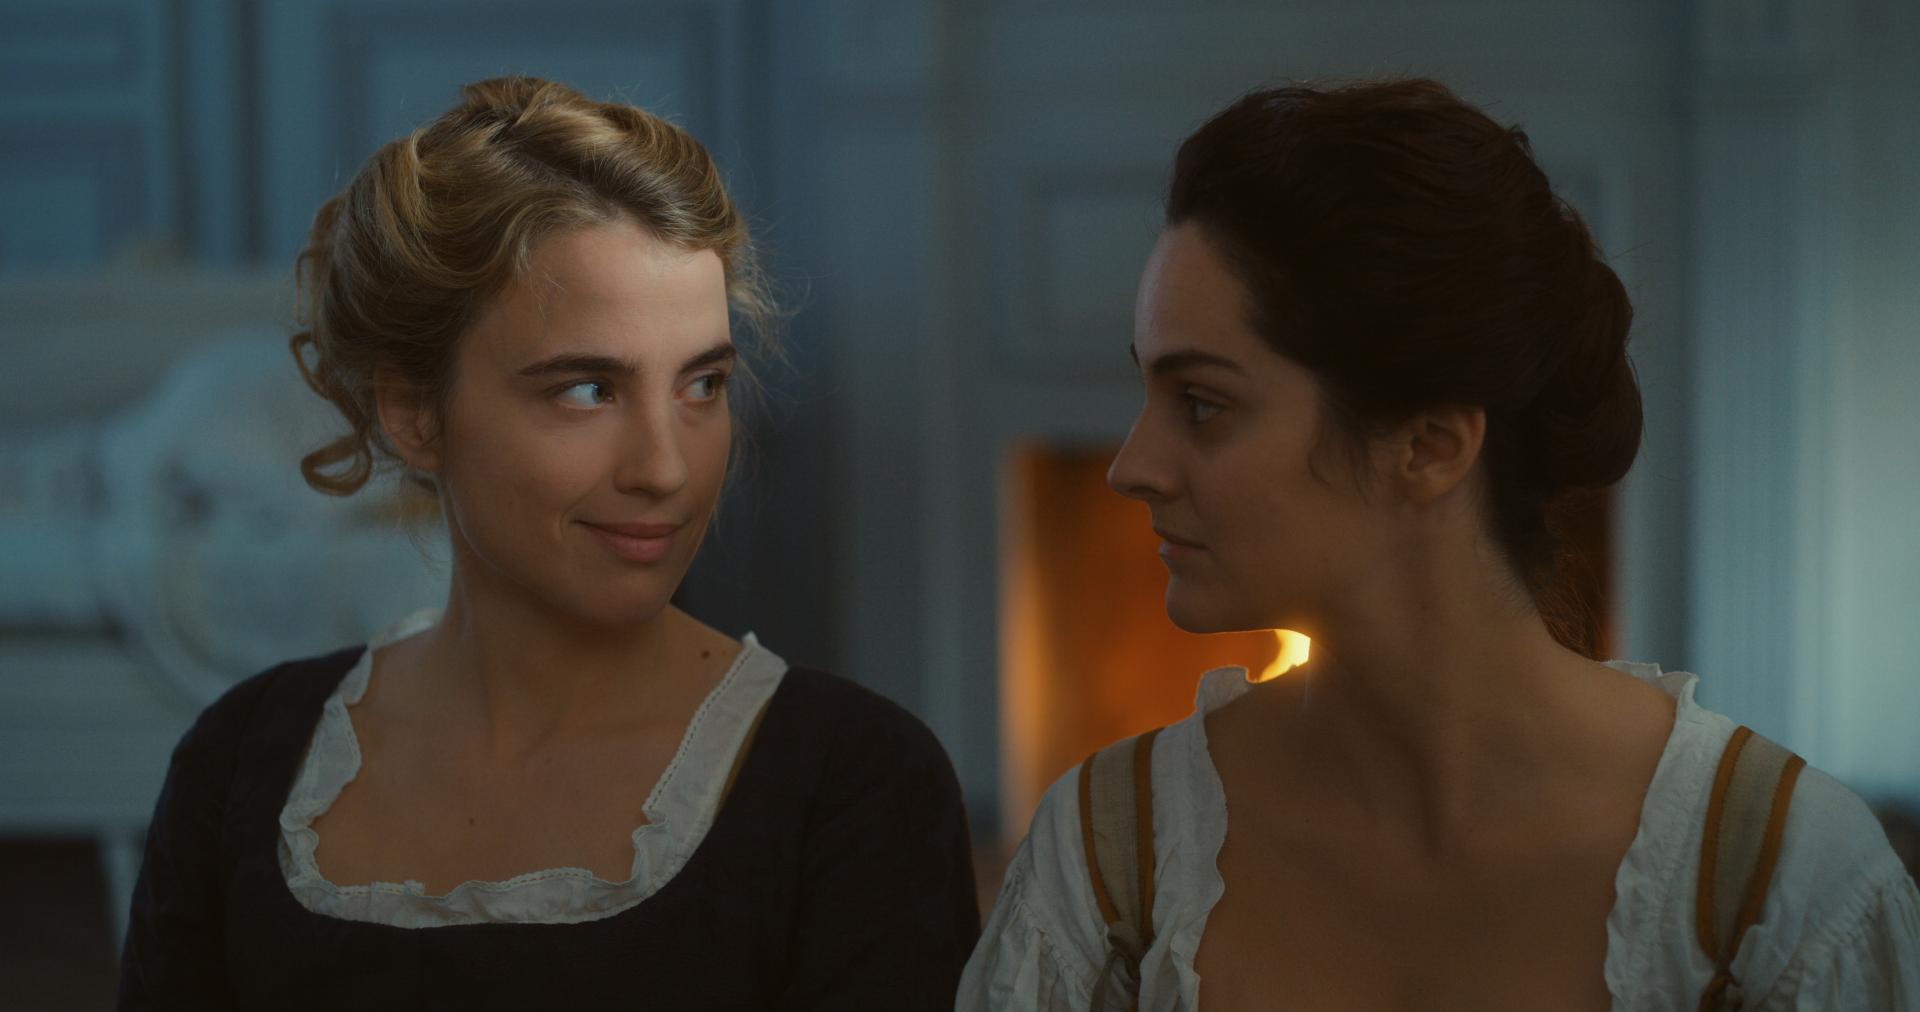 Actrices Noémie Merlant y Adèle Haenel,